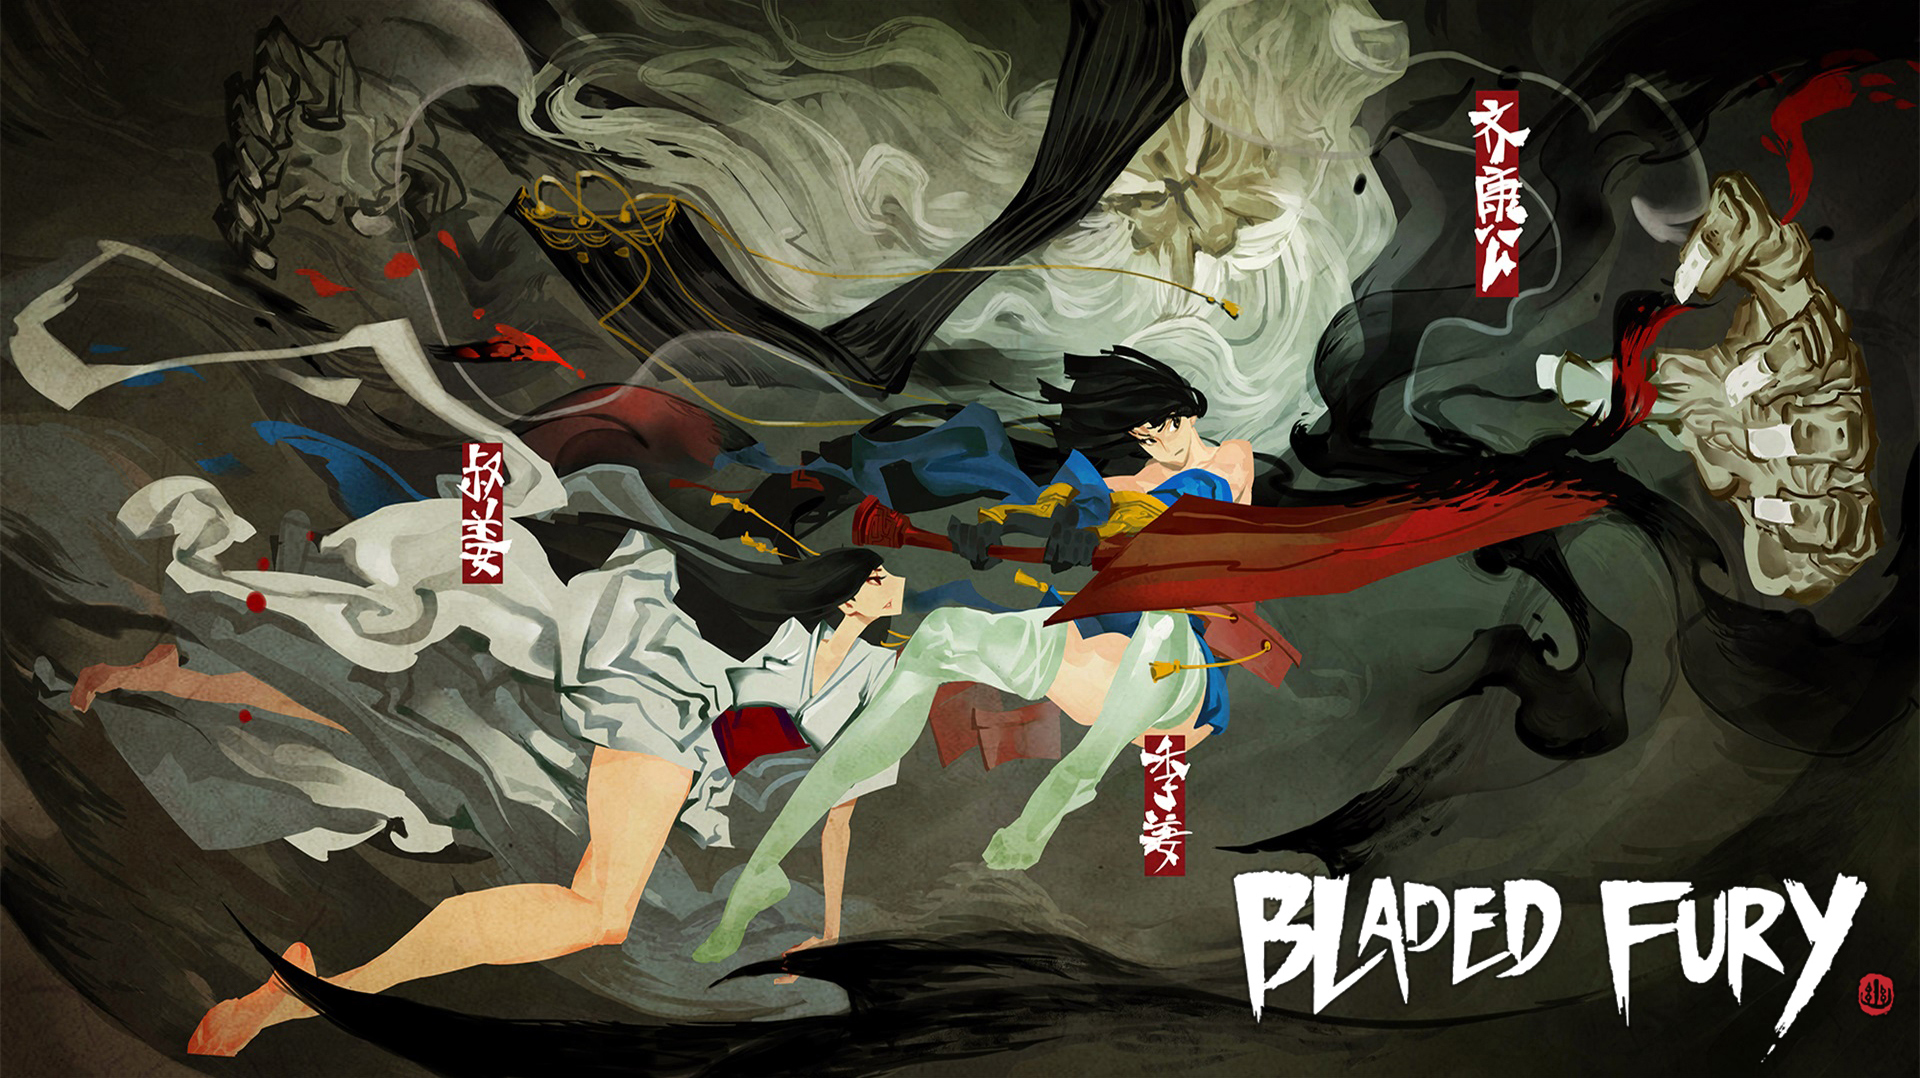 BladedFury-Poster.jpg